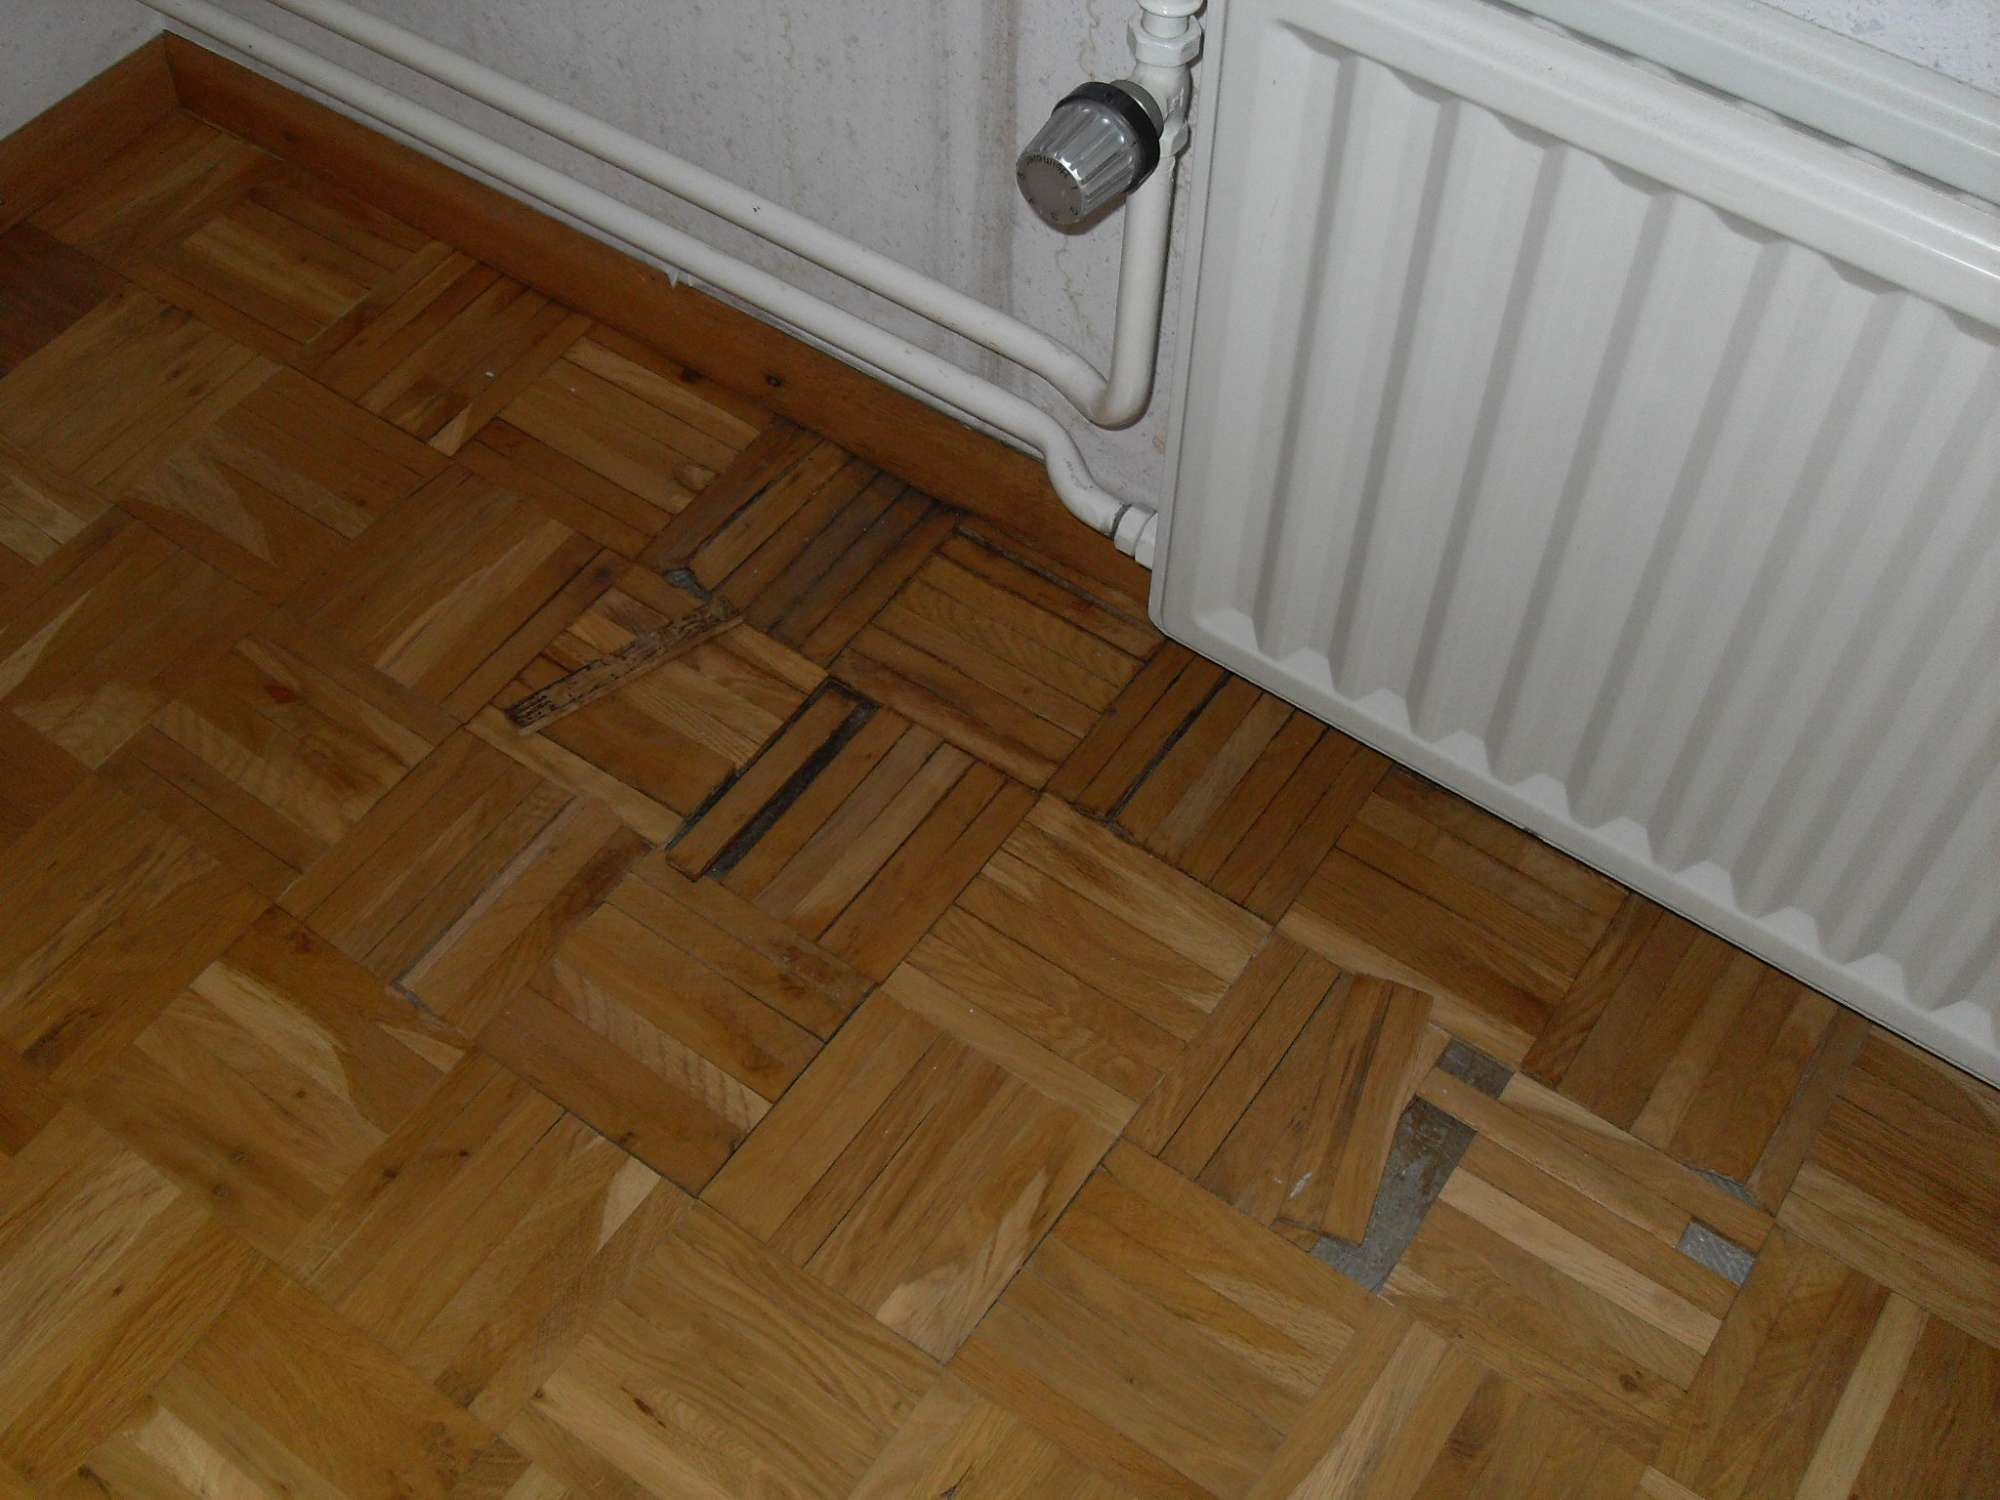 repareren-van-een-vloer-afgewerkt-met-een-naturelle-olie4-2